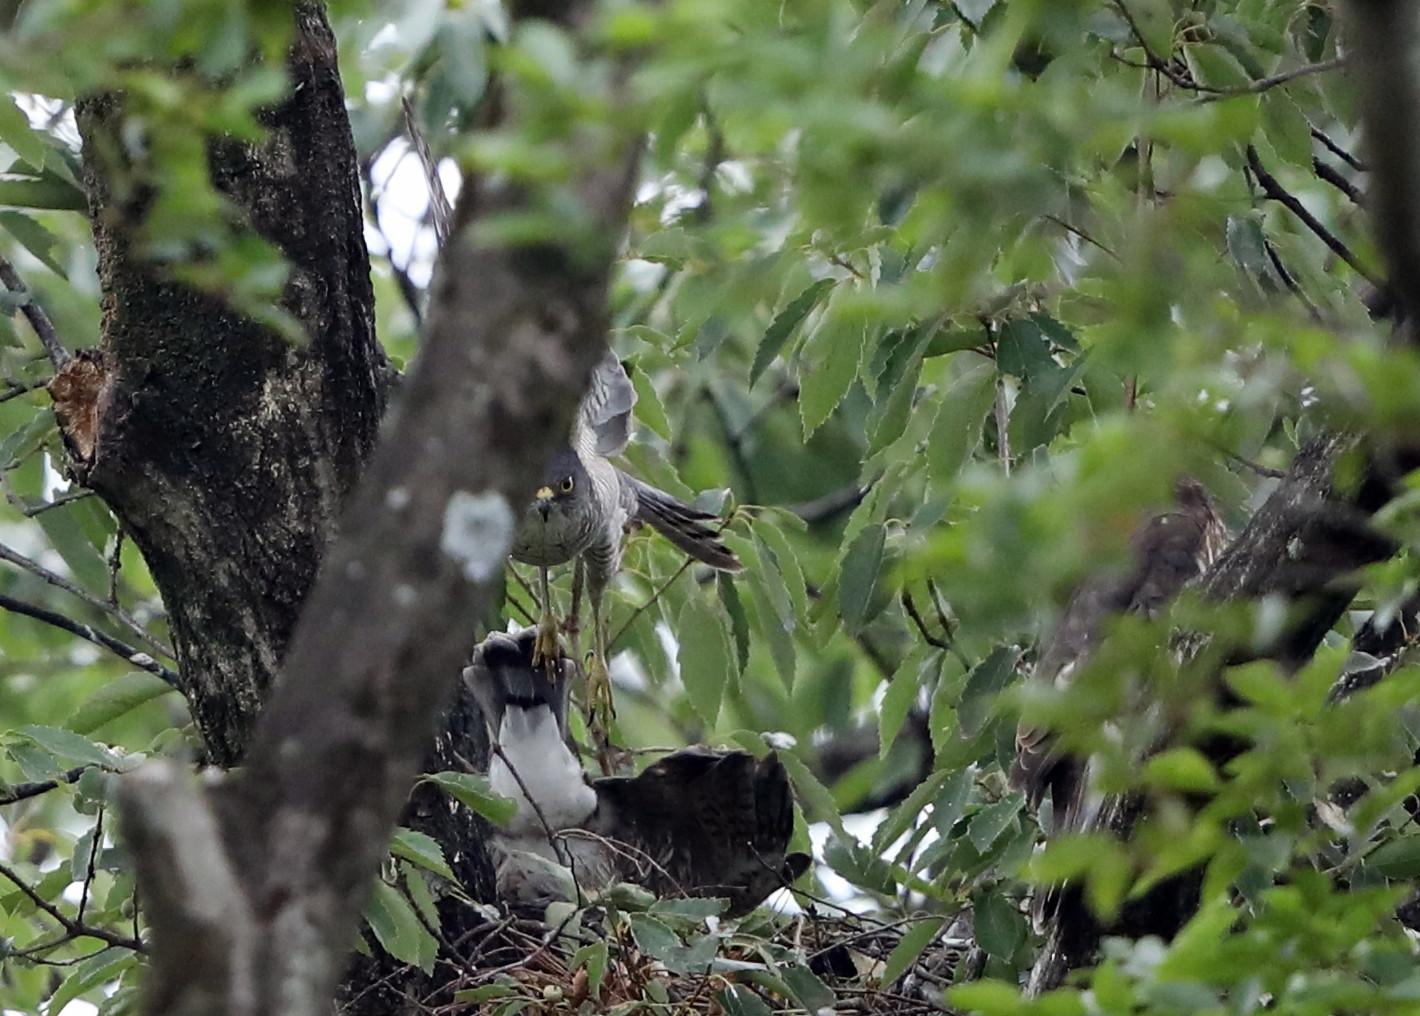 近隣の公園のツミ その12(母親の巣からの飛び出し)_f0239515_20455951.jpg